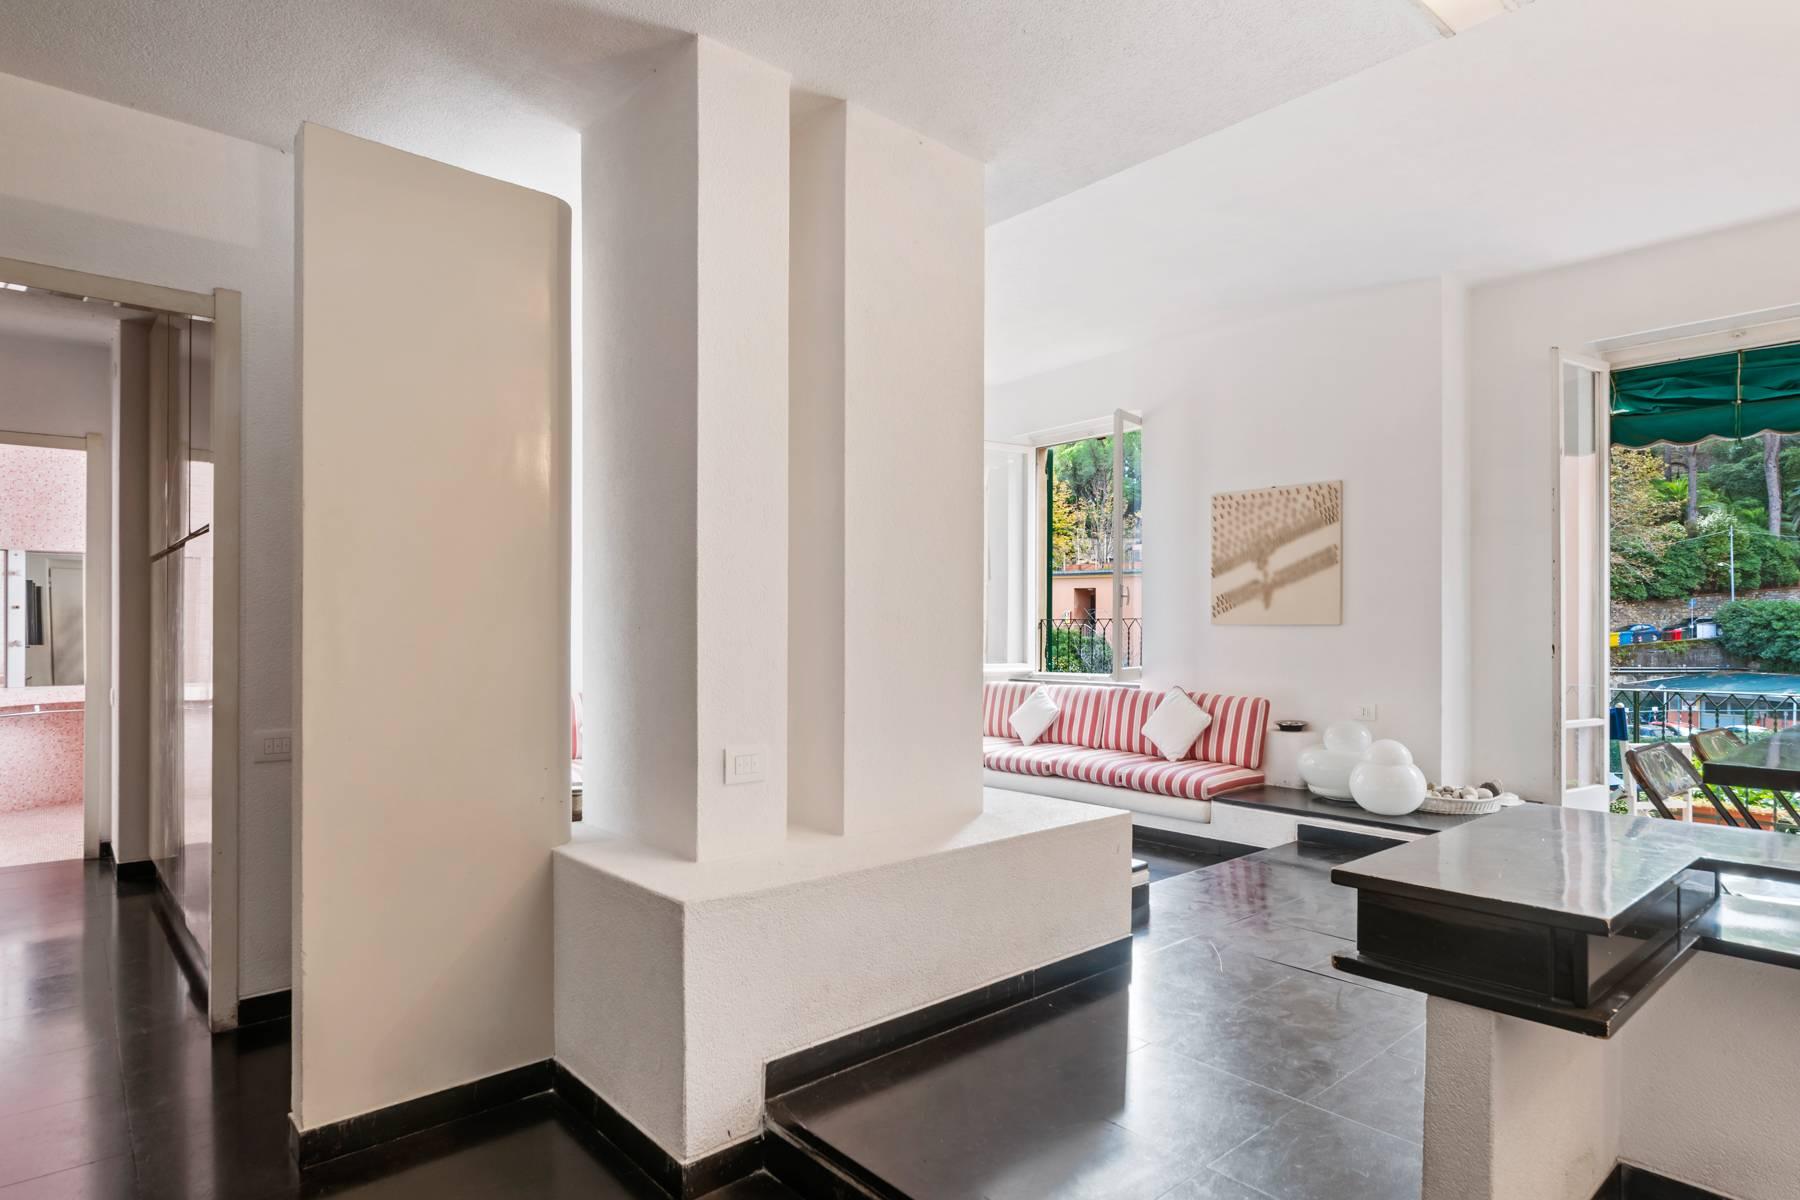 Appartamento in Vendita a Santa Margherita Ligure: 5 locali, 120 mq - Foto 14